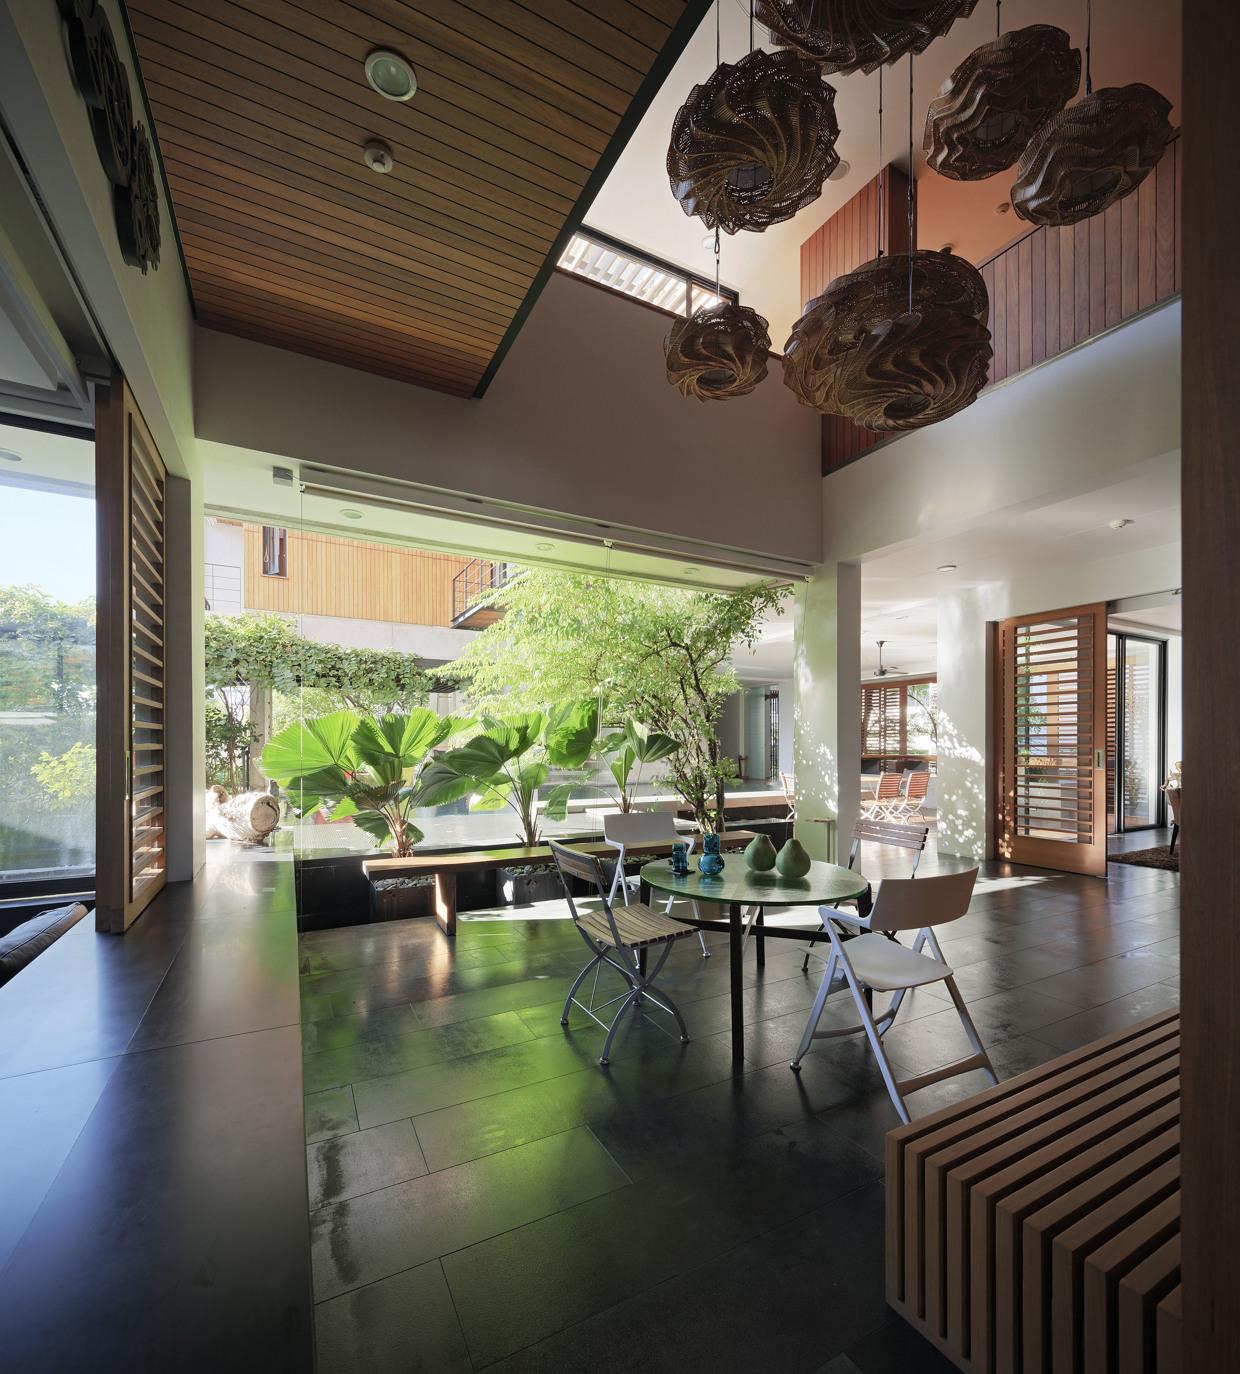 Home Design Ideas Exterior: Modern Thai Home Inspiration